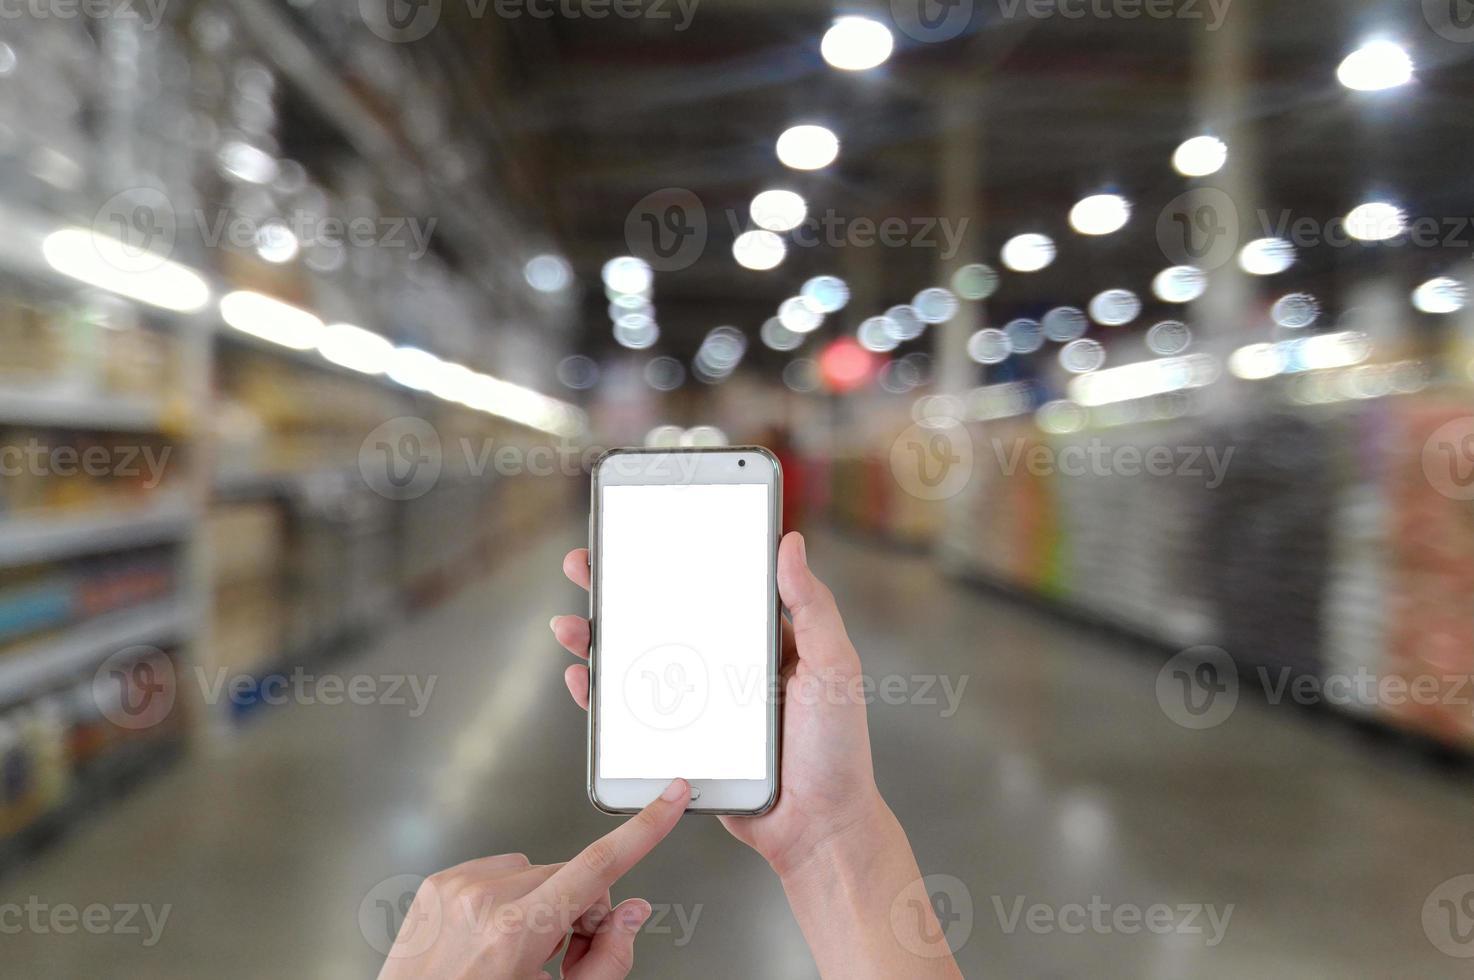 Manos con teléfono inteligente móvil de pantalla en blanco con fondo borroso en el supermercado foto